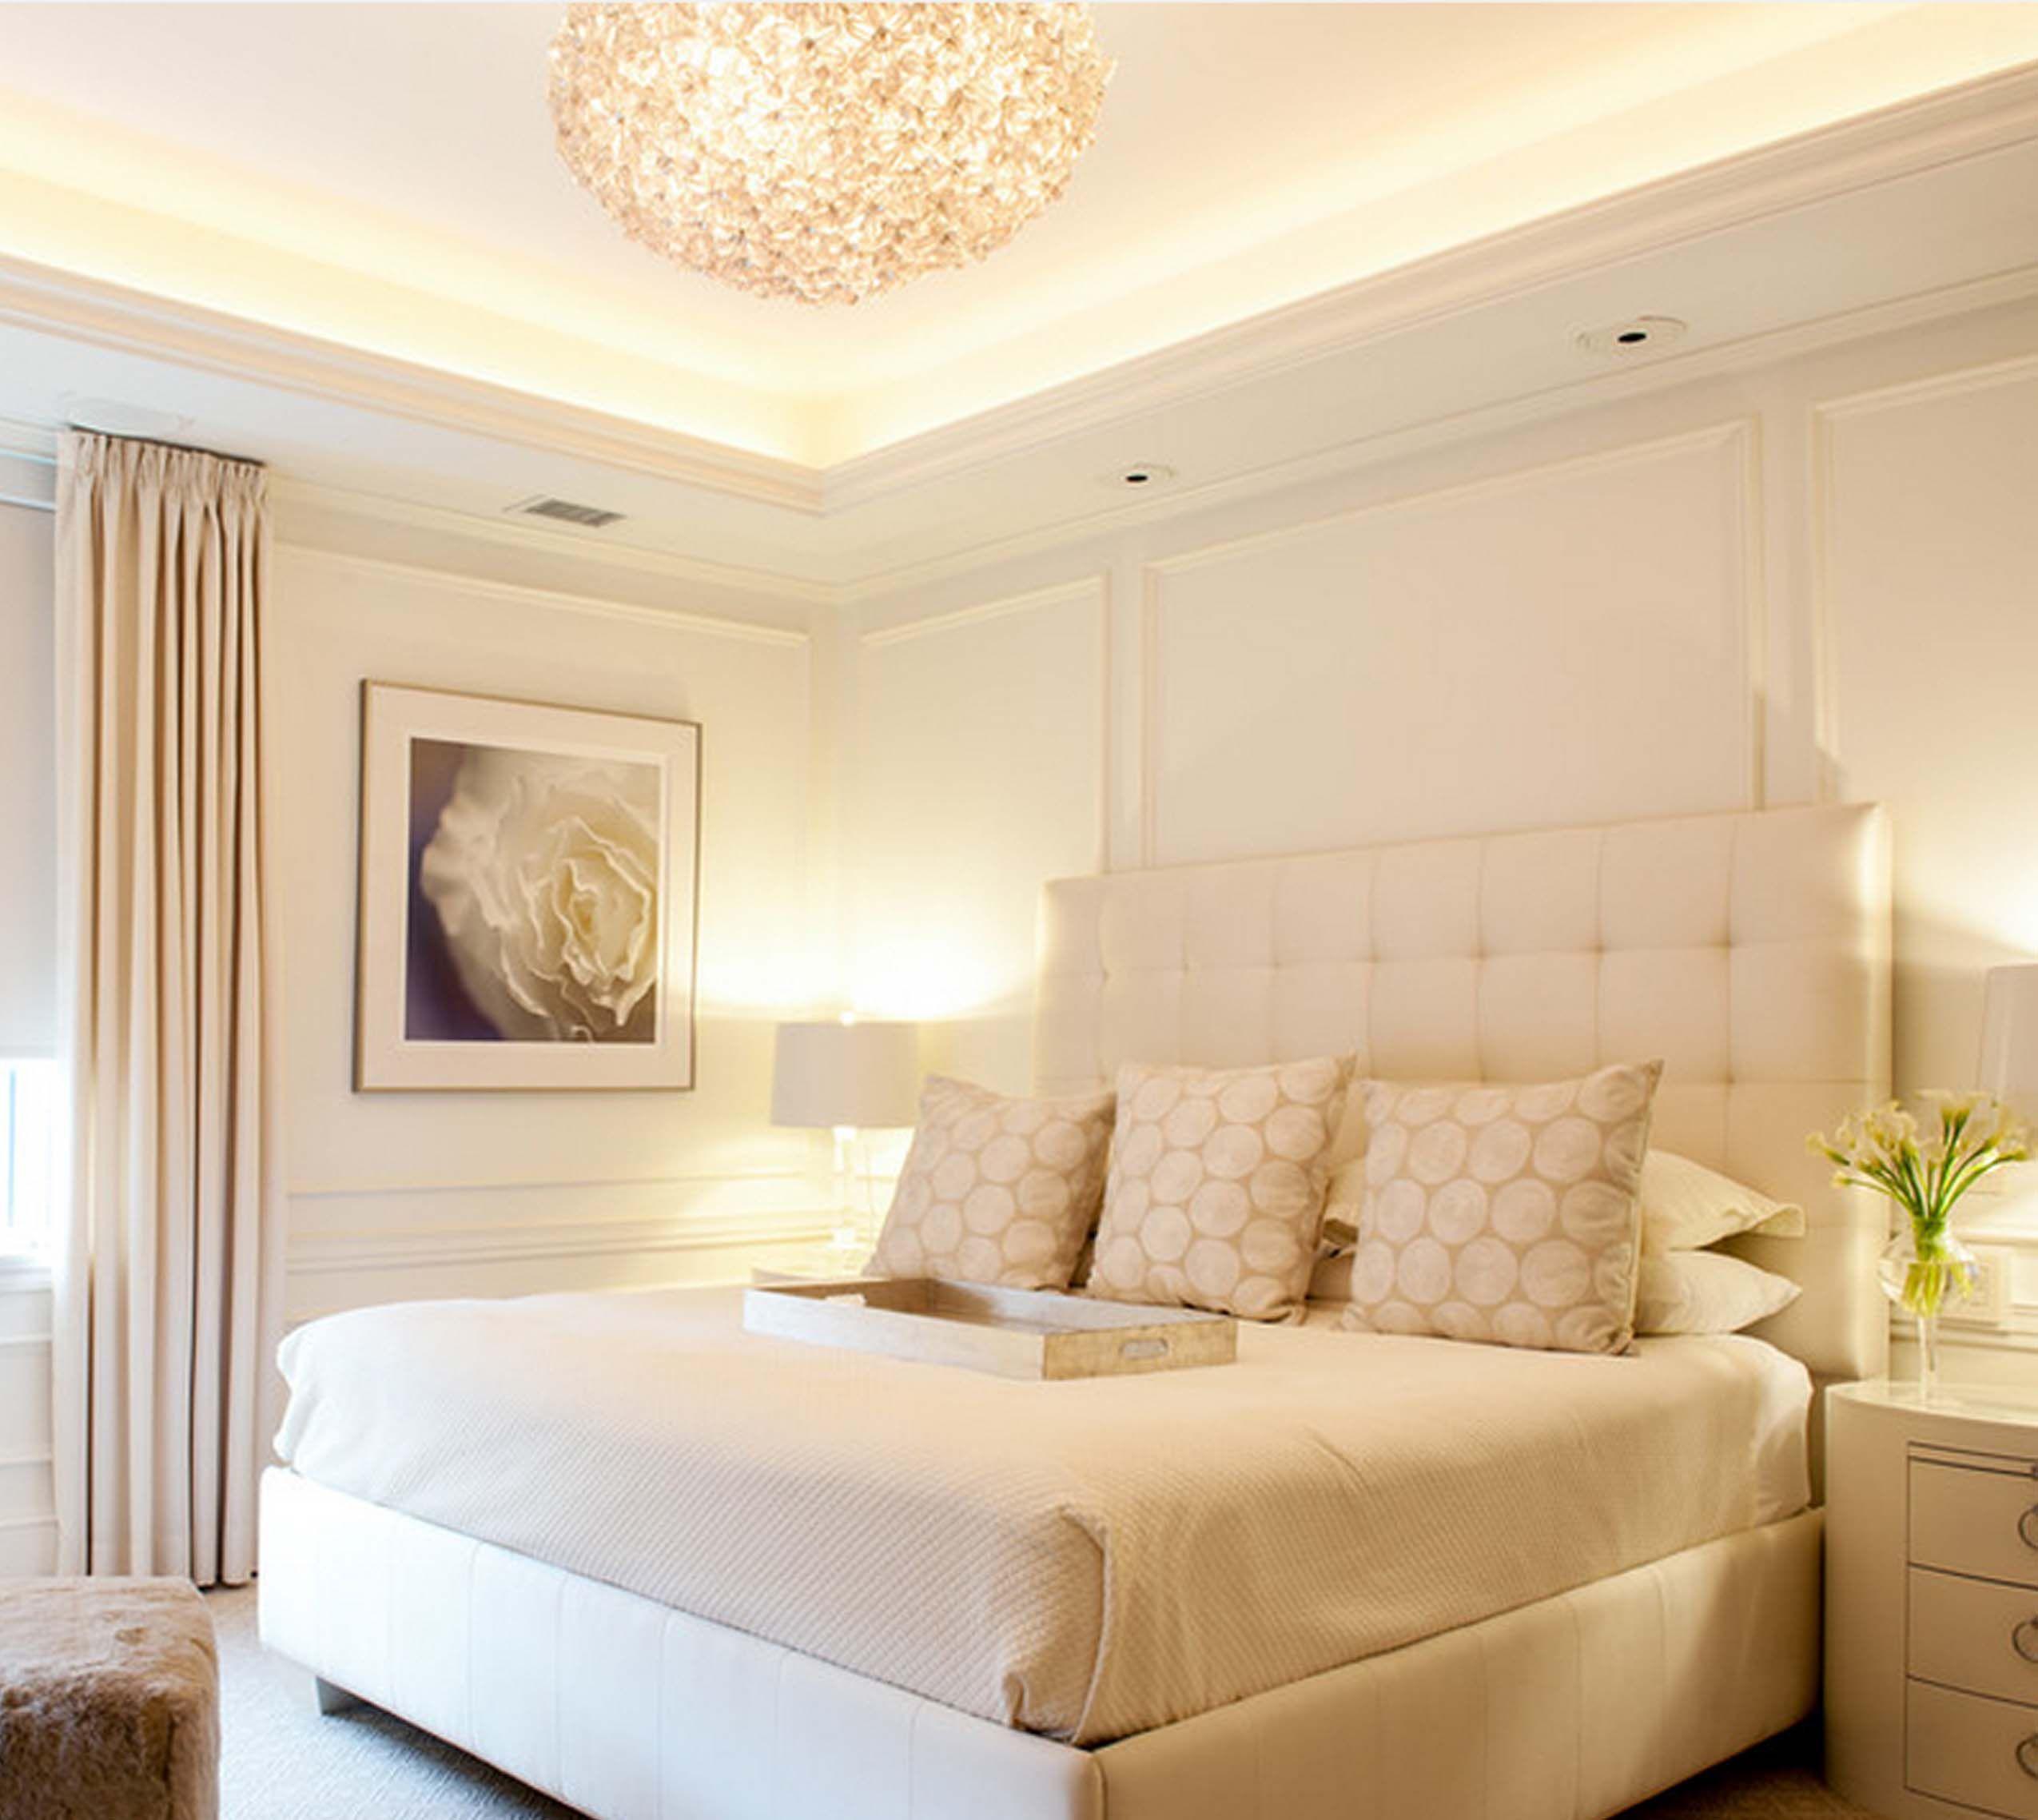 retomb e de plafond chambre architecture pinterest interiores. Black Bedroom Furniture Sets. Home Design Ideas